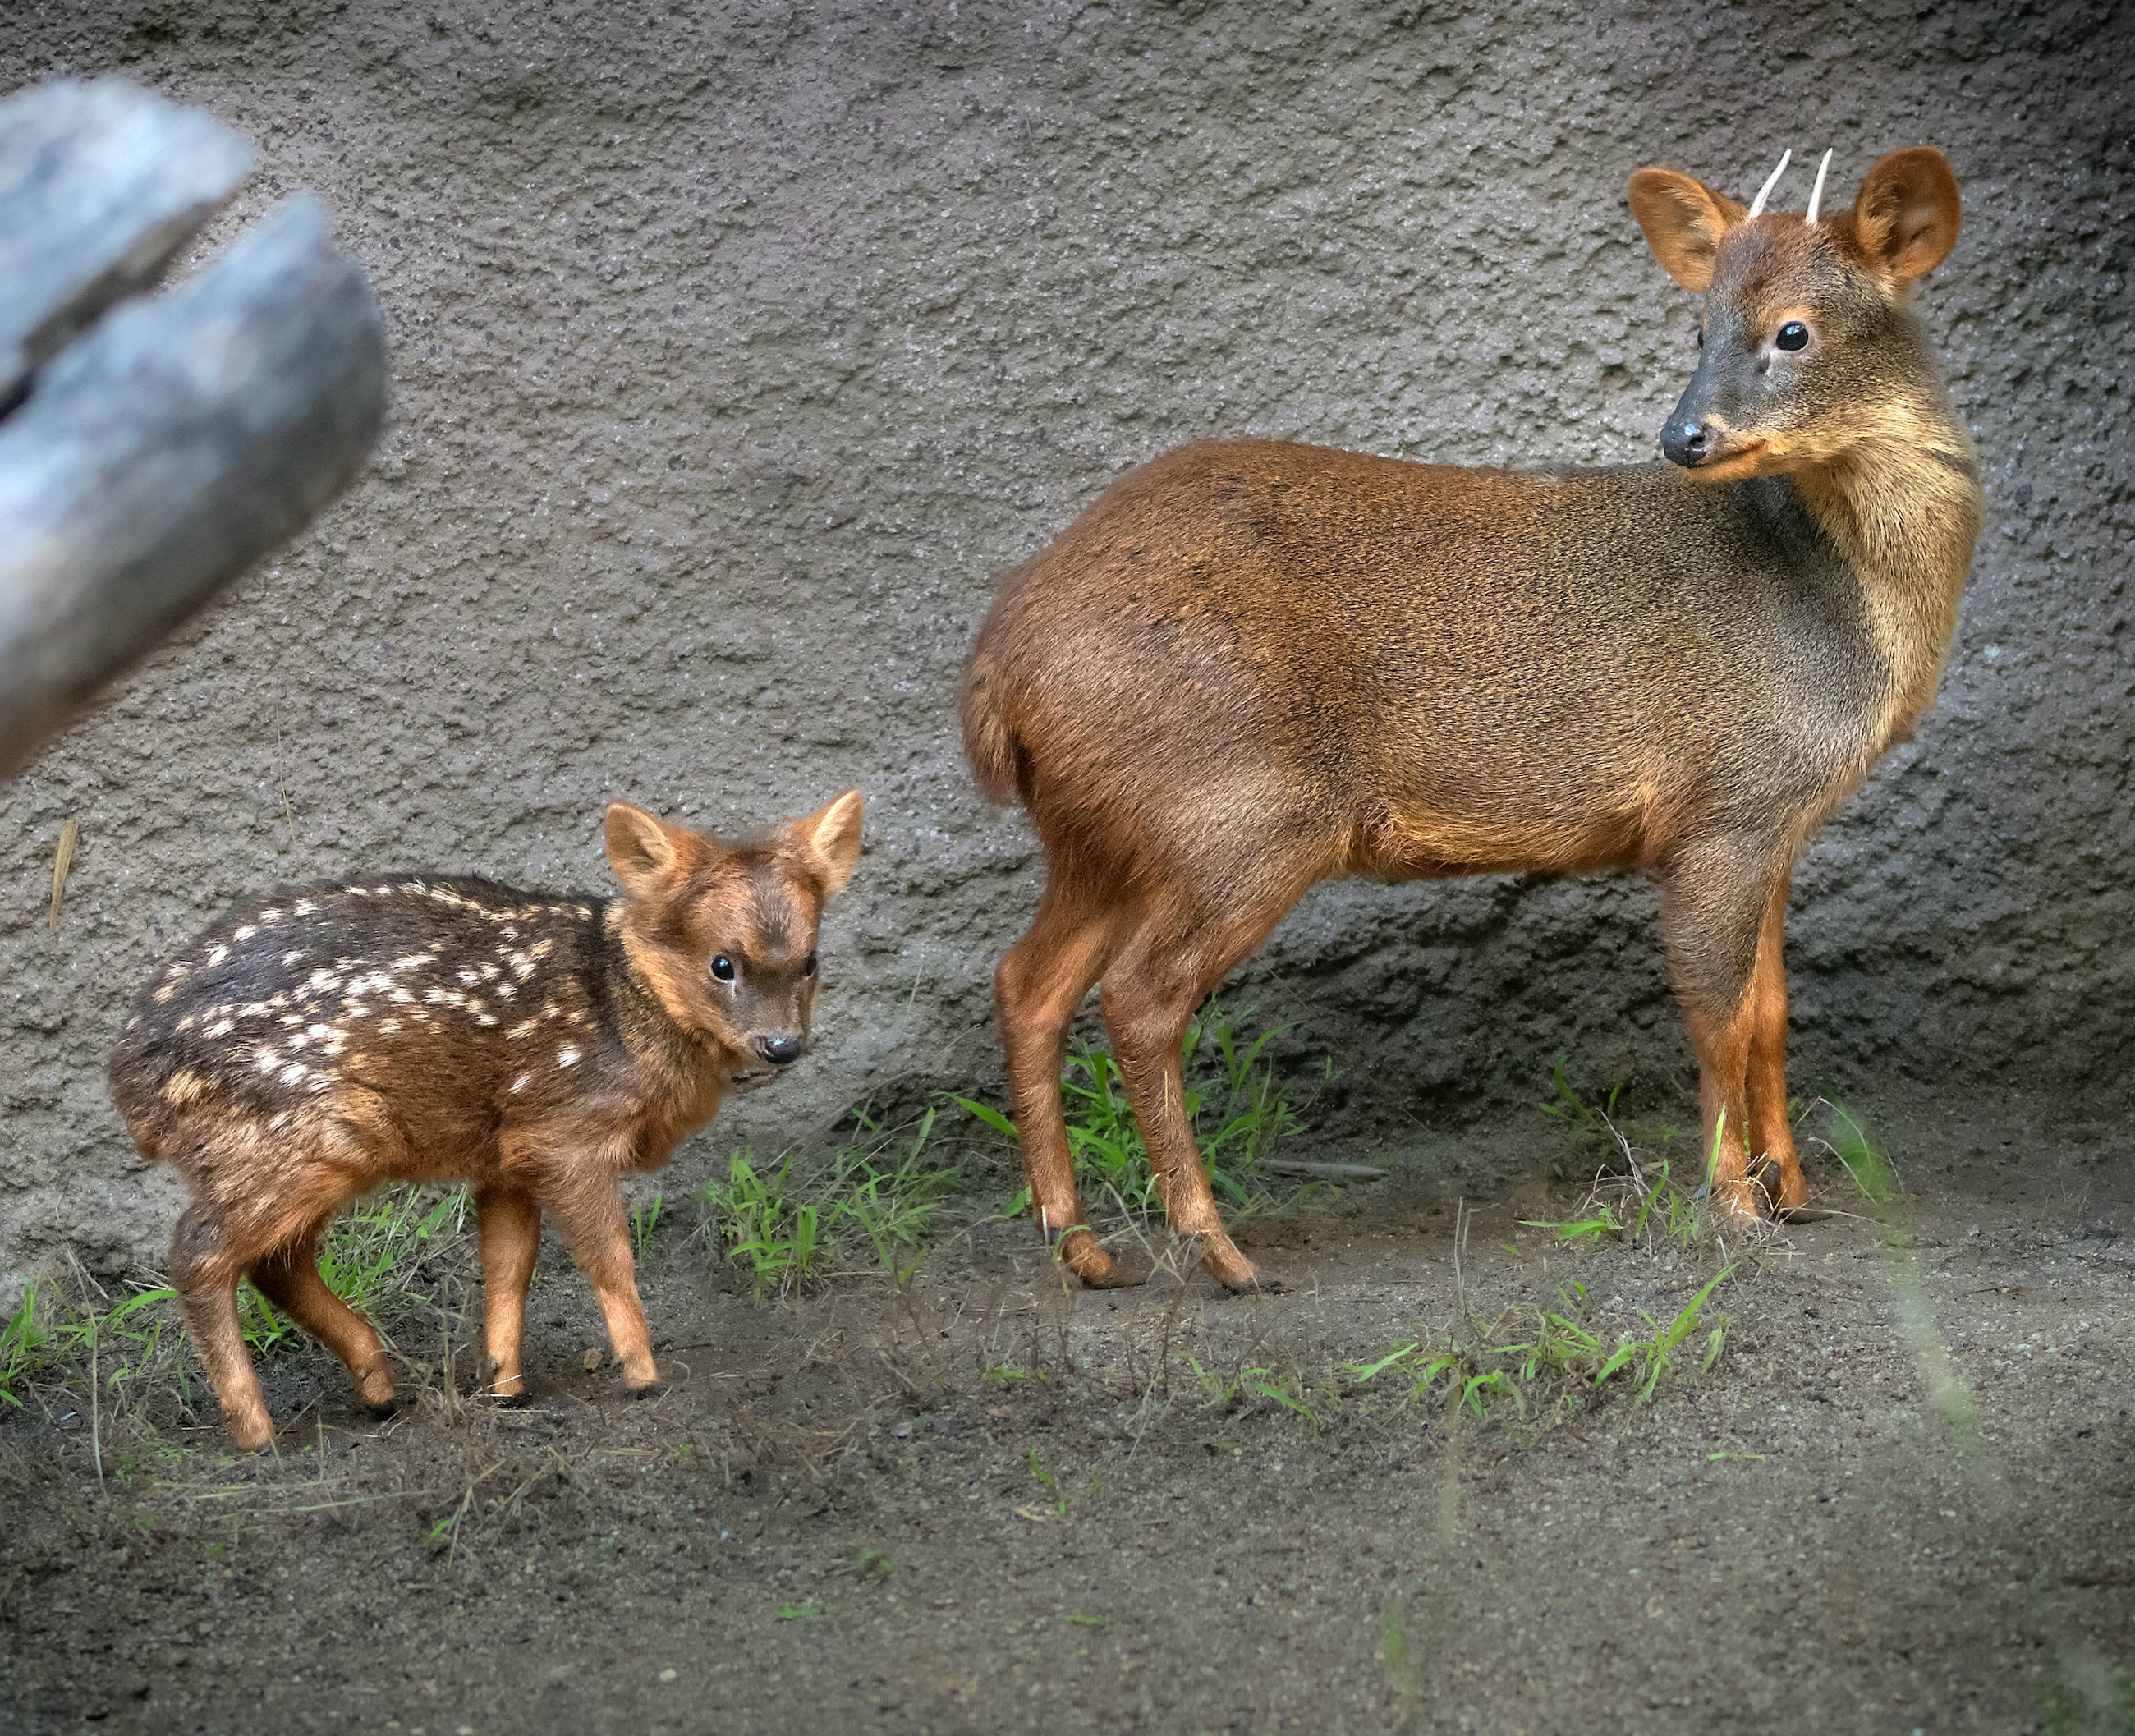 Groß und Klein: Irre, dass diese Tiere verwandt sind